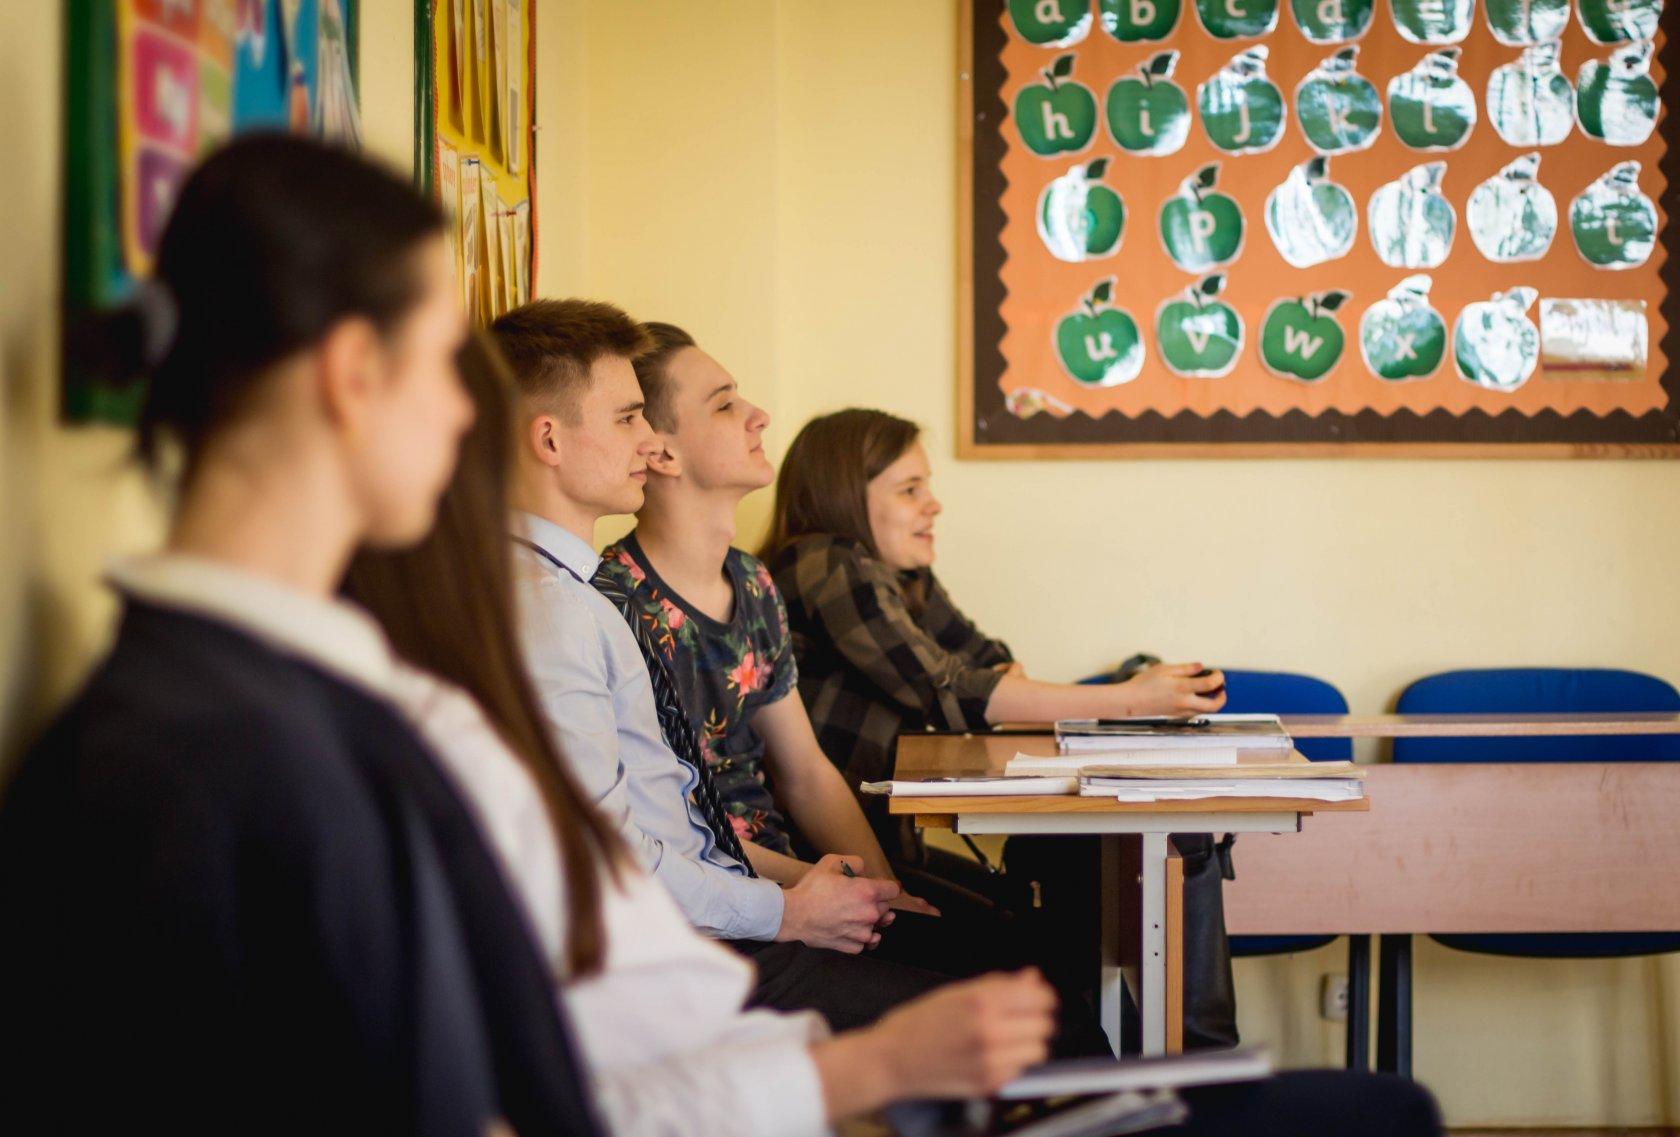 В Тюмени продолжатся бесплатные курсы английского языка ...